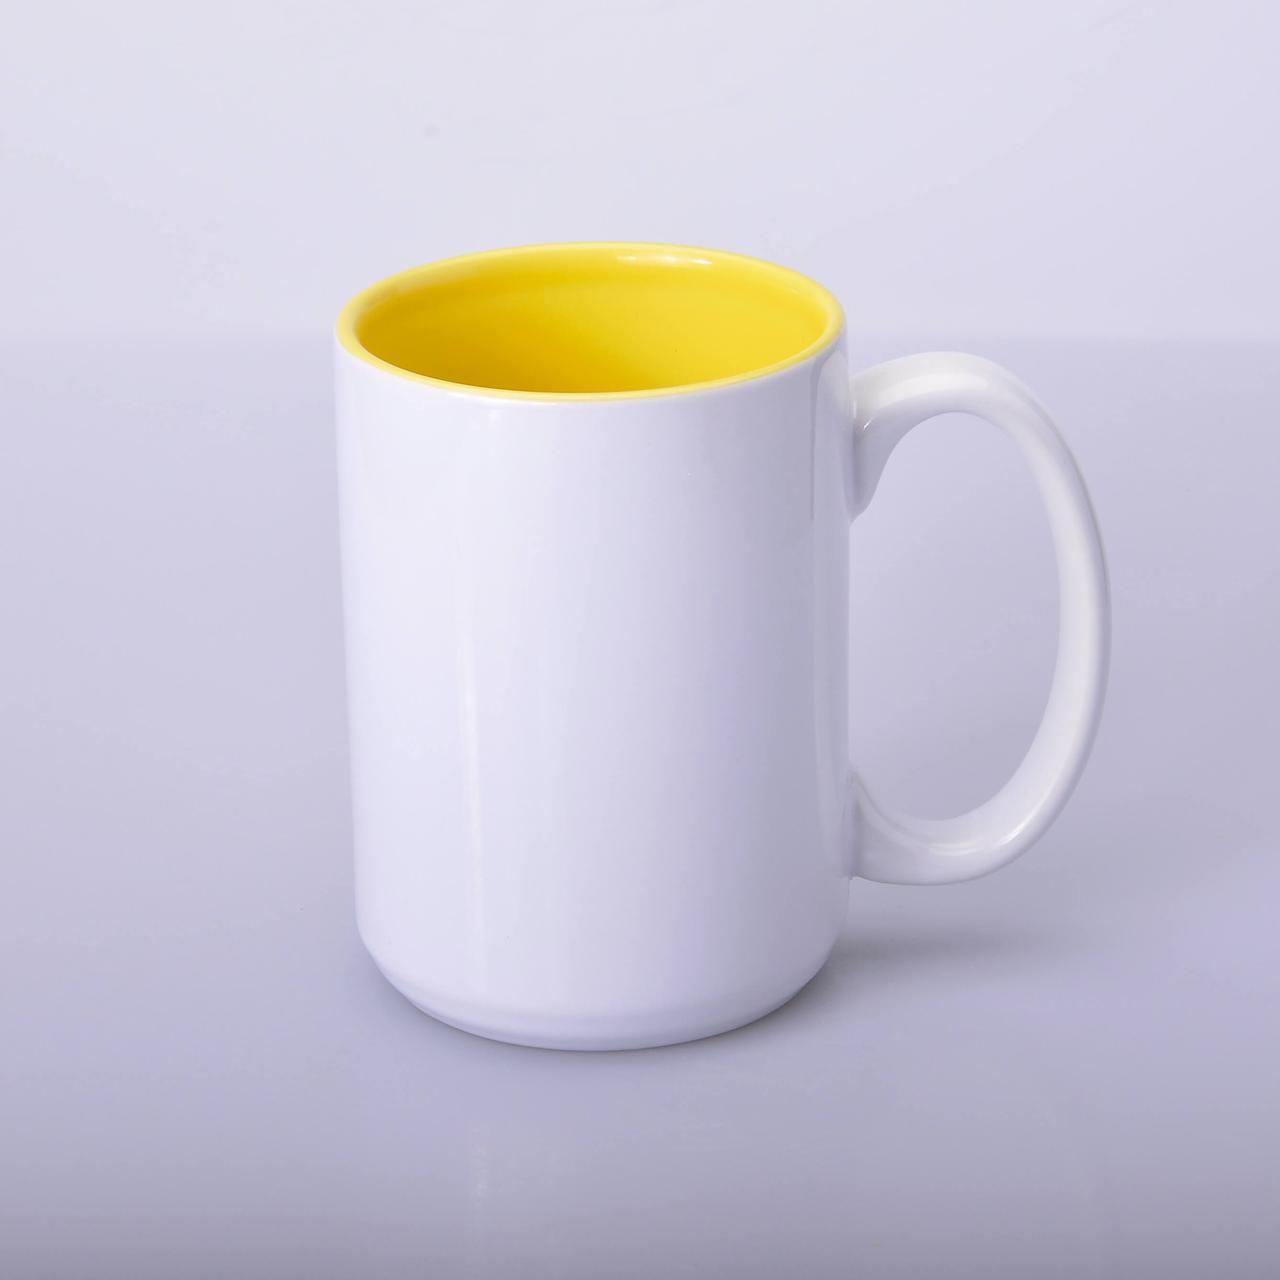 Кружка для сублимации цветная внутри 425 мл (жёлтый)